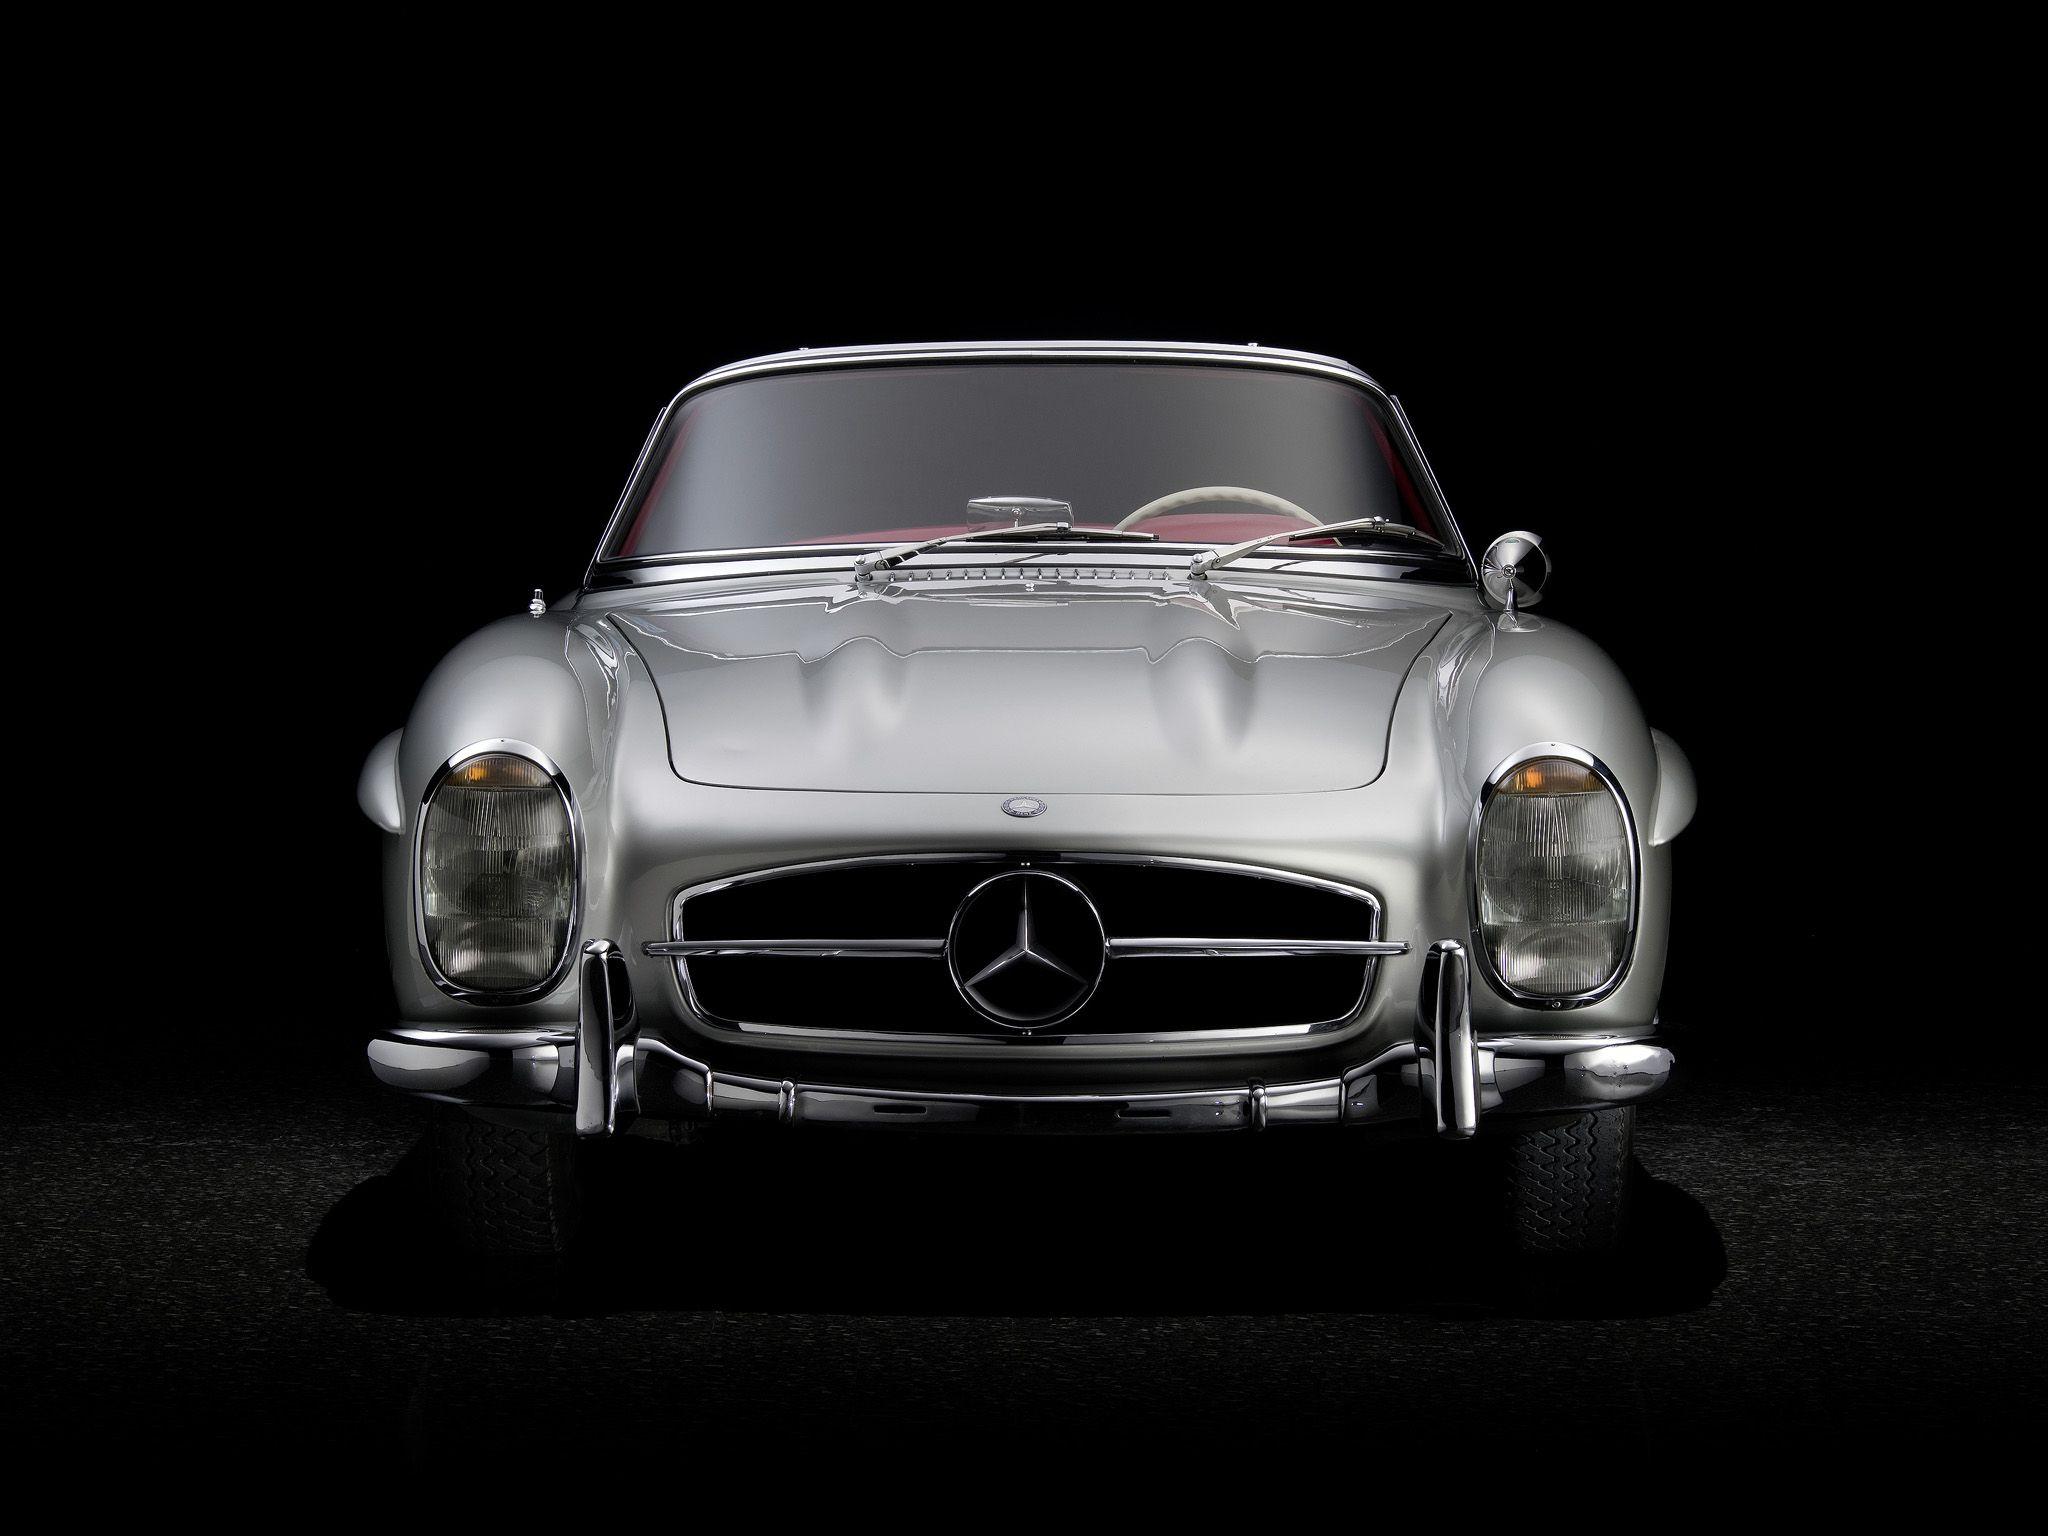 1957 Mercedes Benz 300sl R198 Retro Gf Wallpaper 2048x1536 105990 Wallpaperup Mercedes Benz Mercedes Mercedes Benz 300